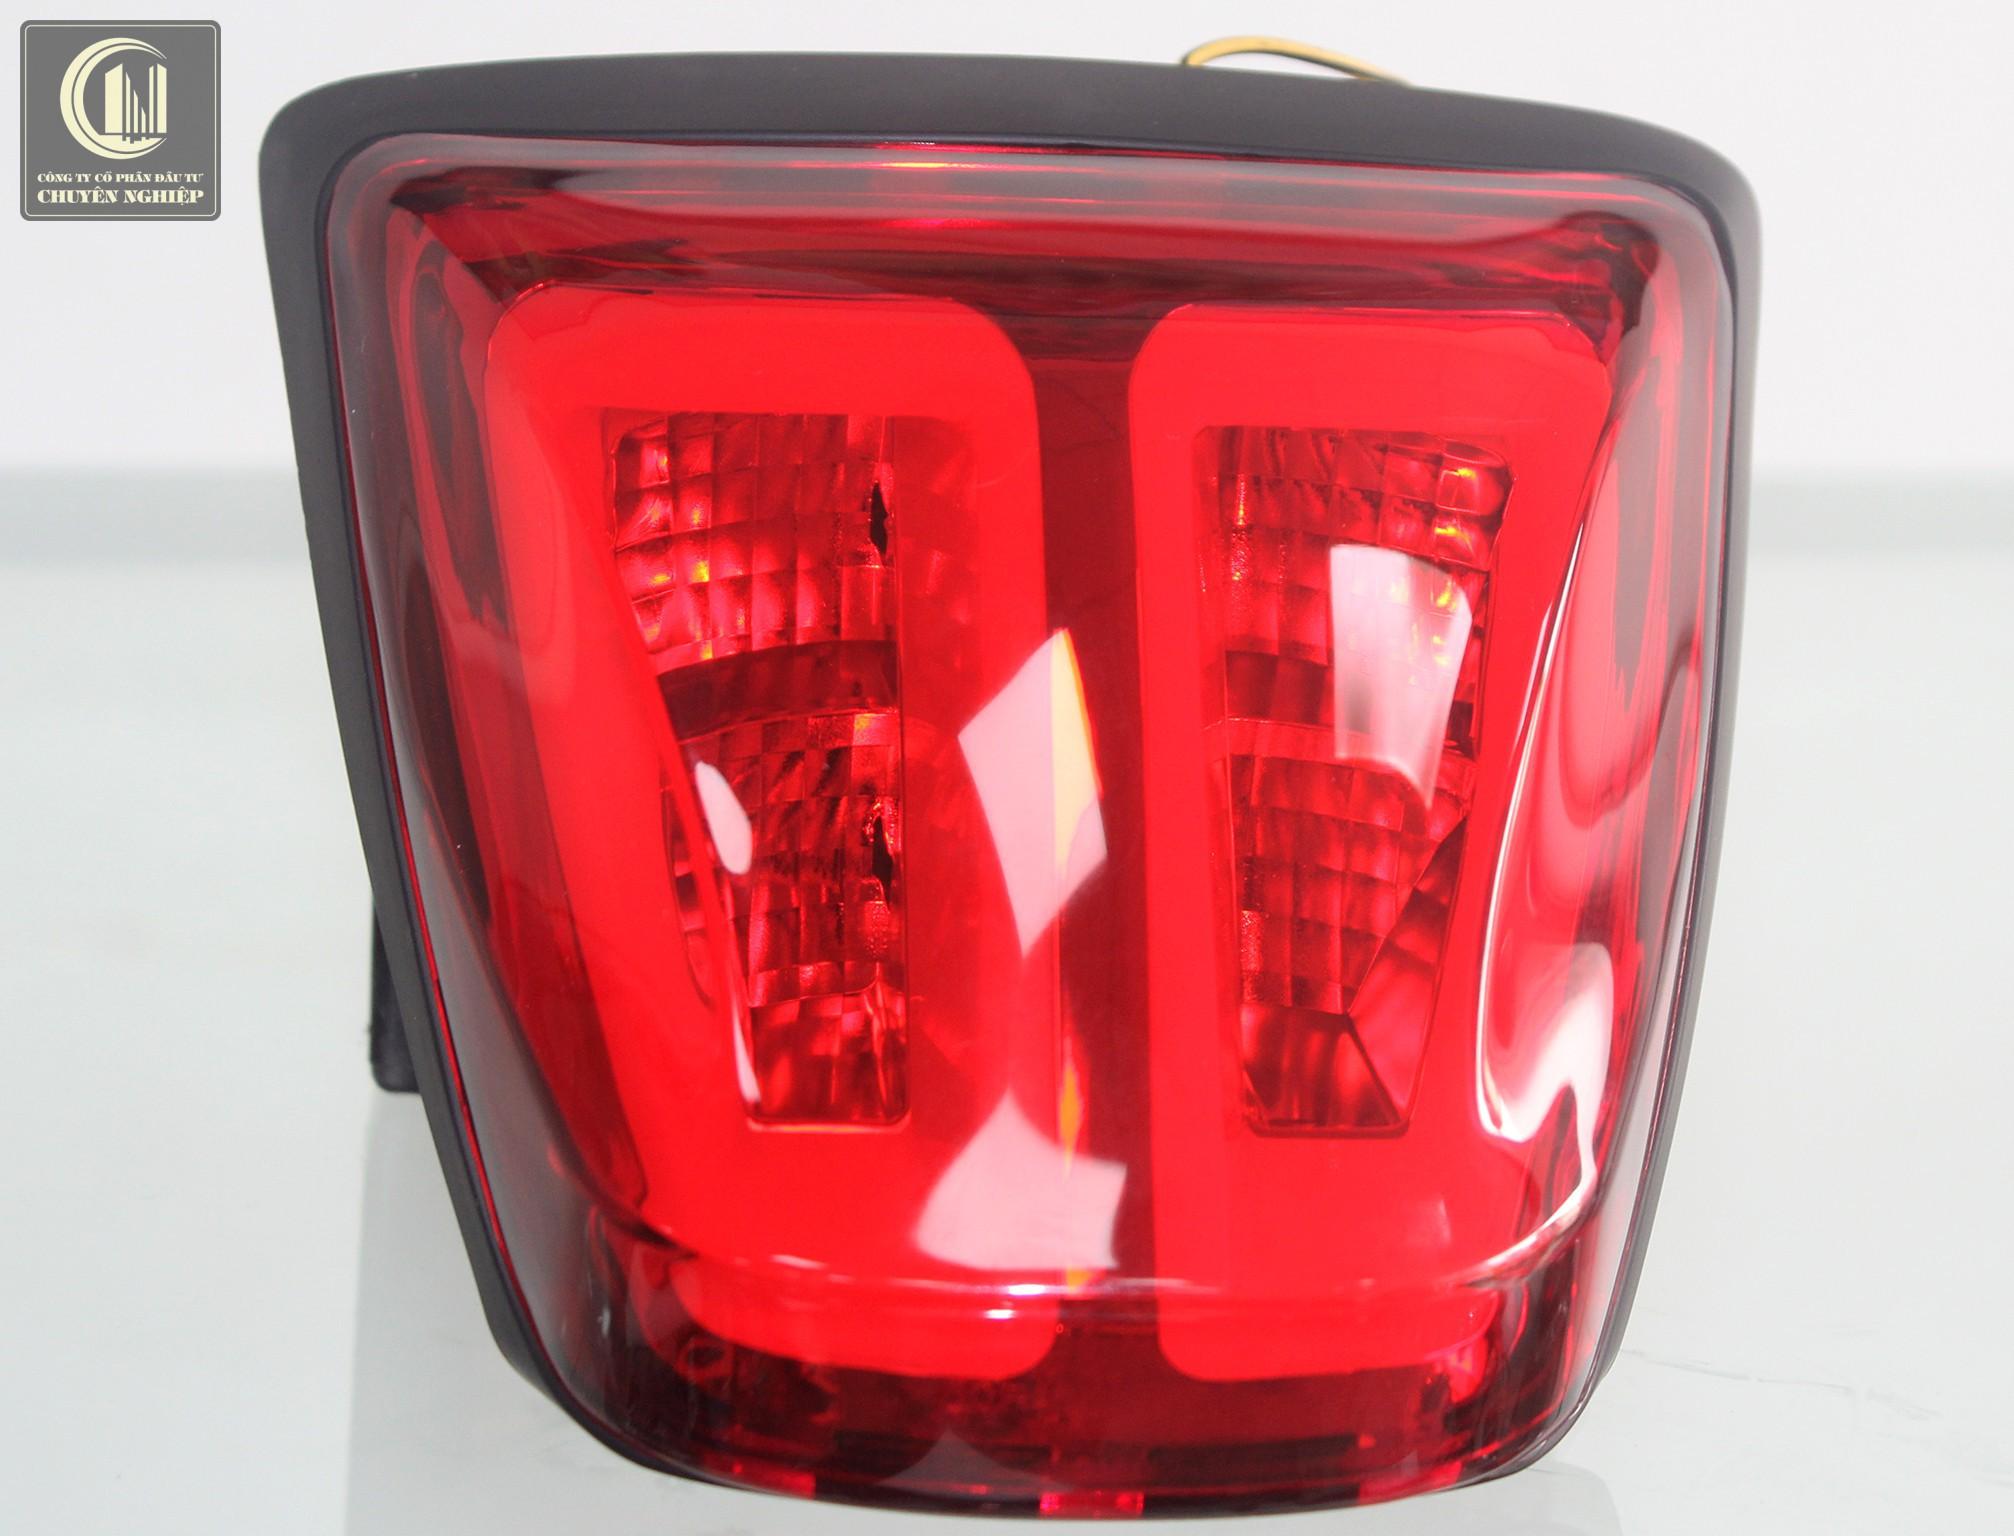 Cụm đèn hậu cực đẹp cho Vespa Sprint